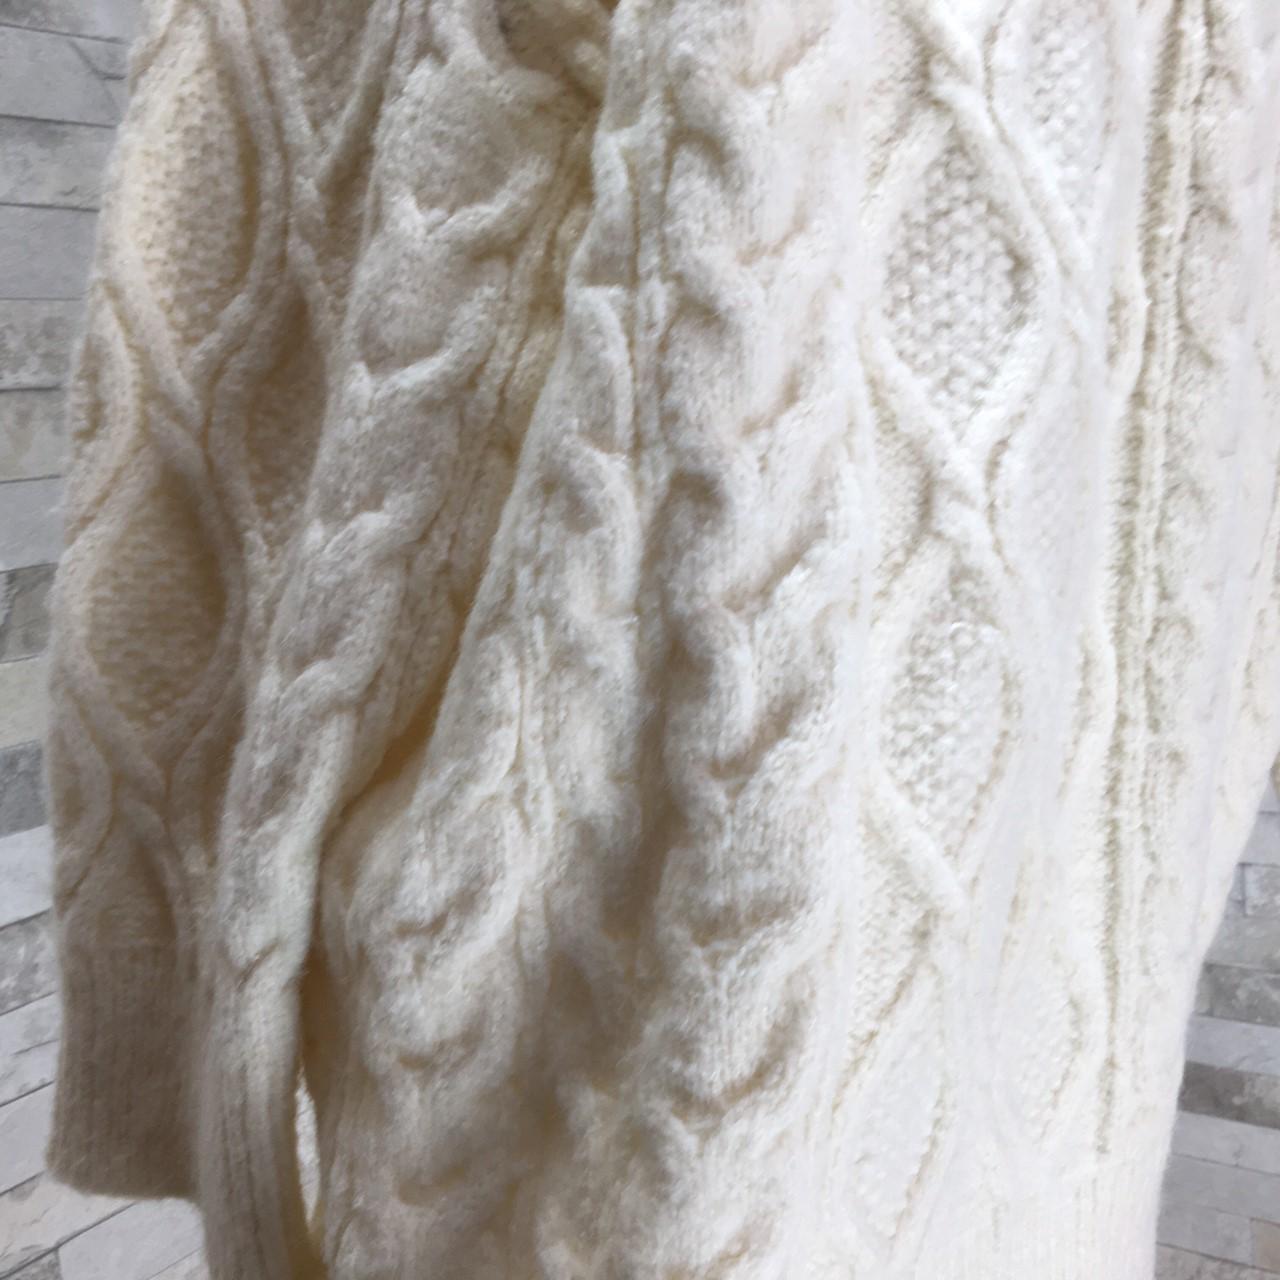 【即納】韓国 ファッション トップス ニット セーター 秋 冬 カジュアル SPTXG551  北欧風 模様編み ビッグシルエット 華奢見せ オルチャン シンプル 定番 セレカジの写真13枚目